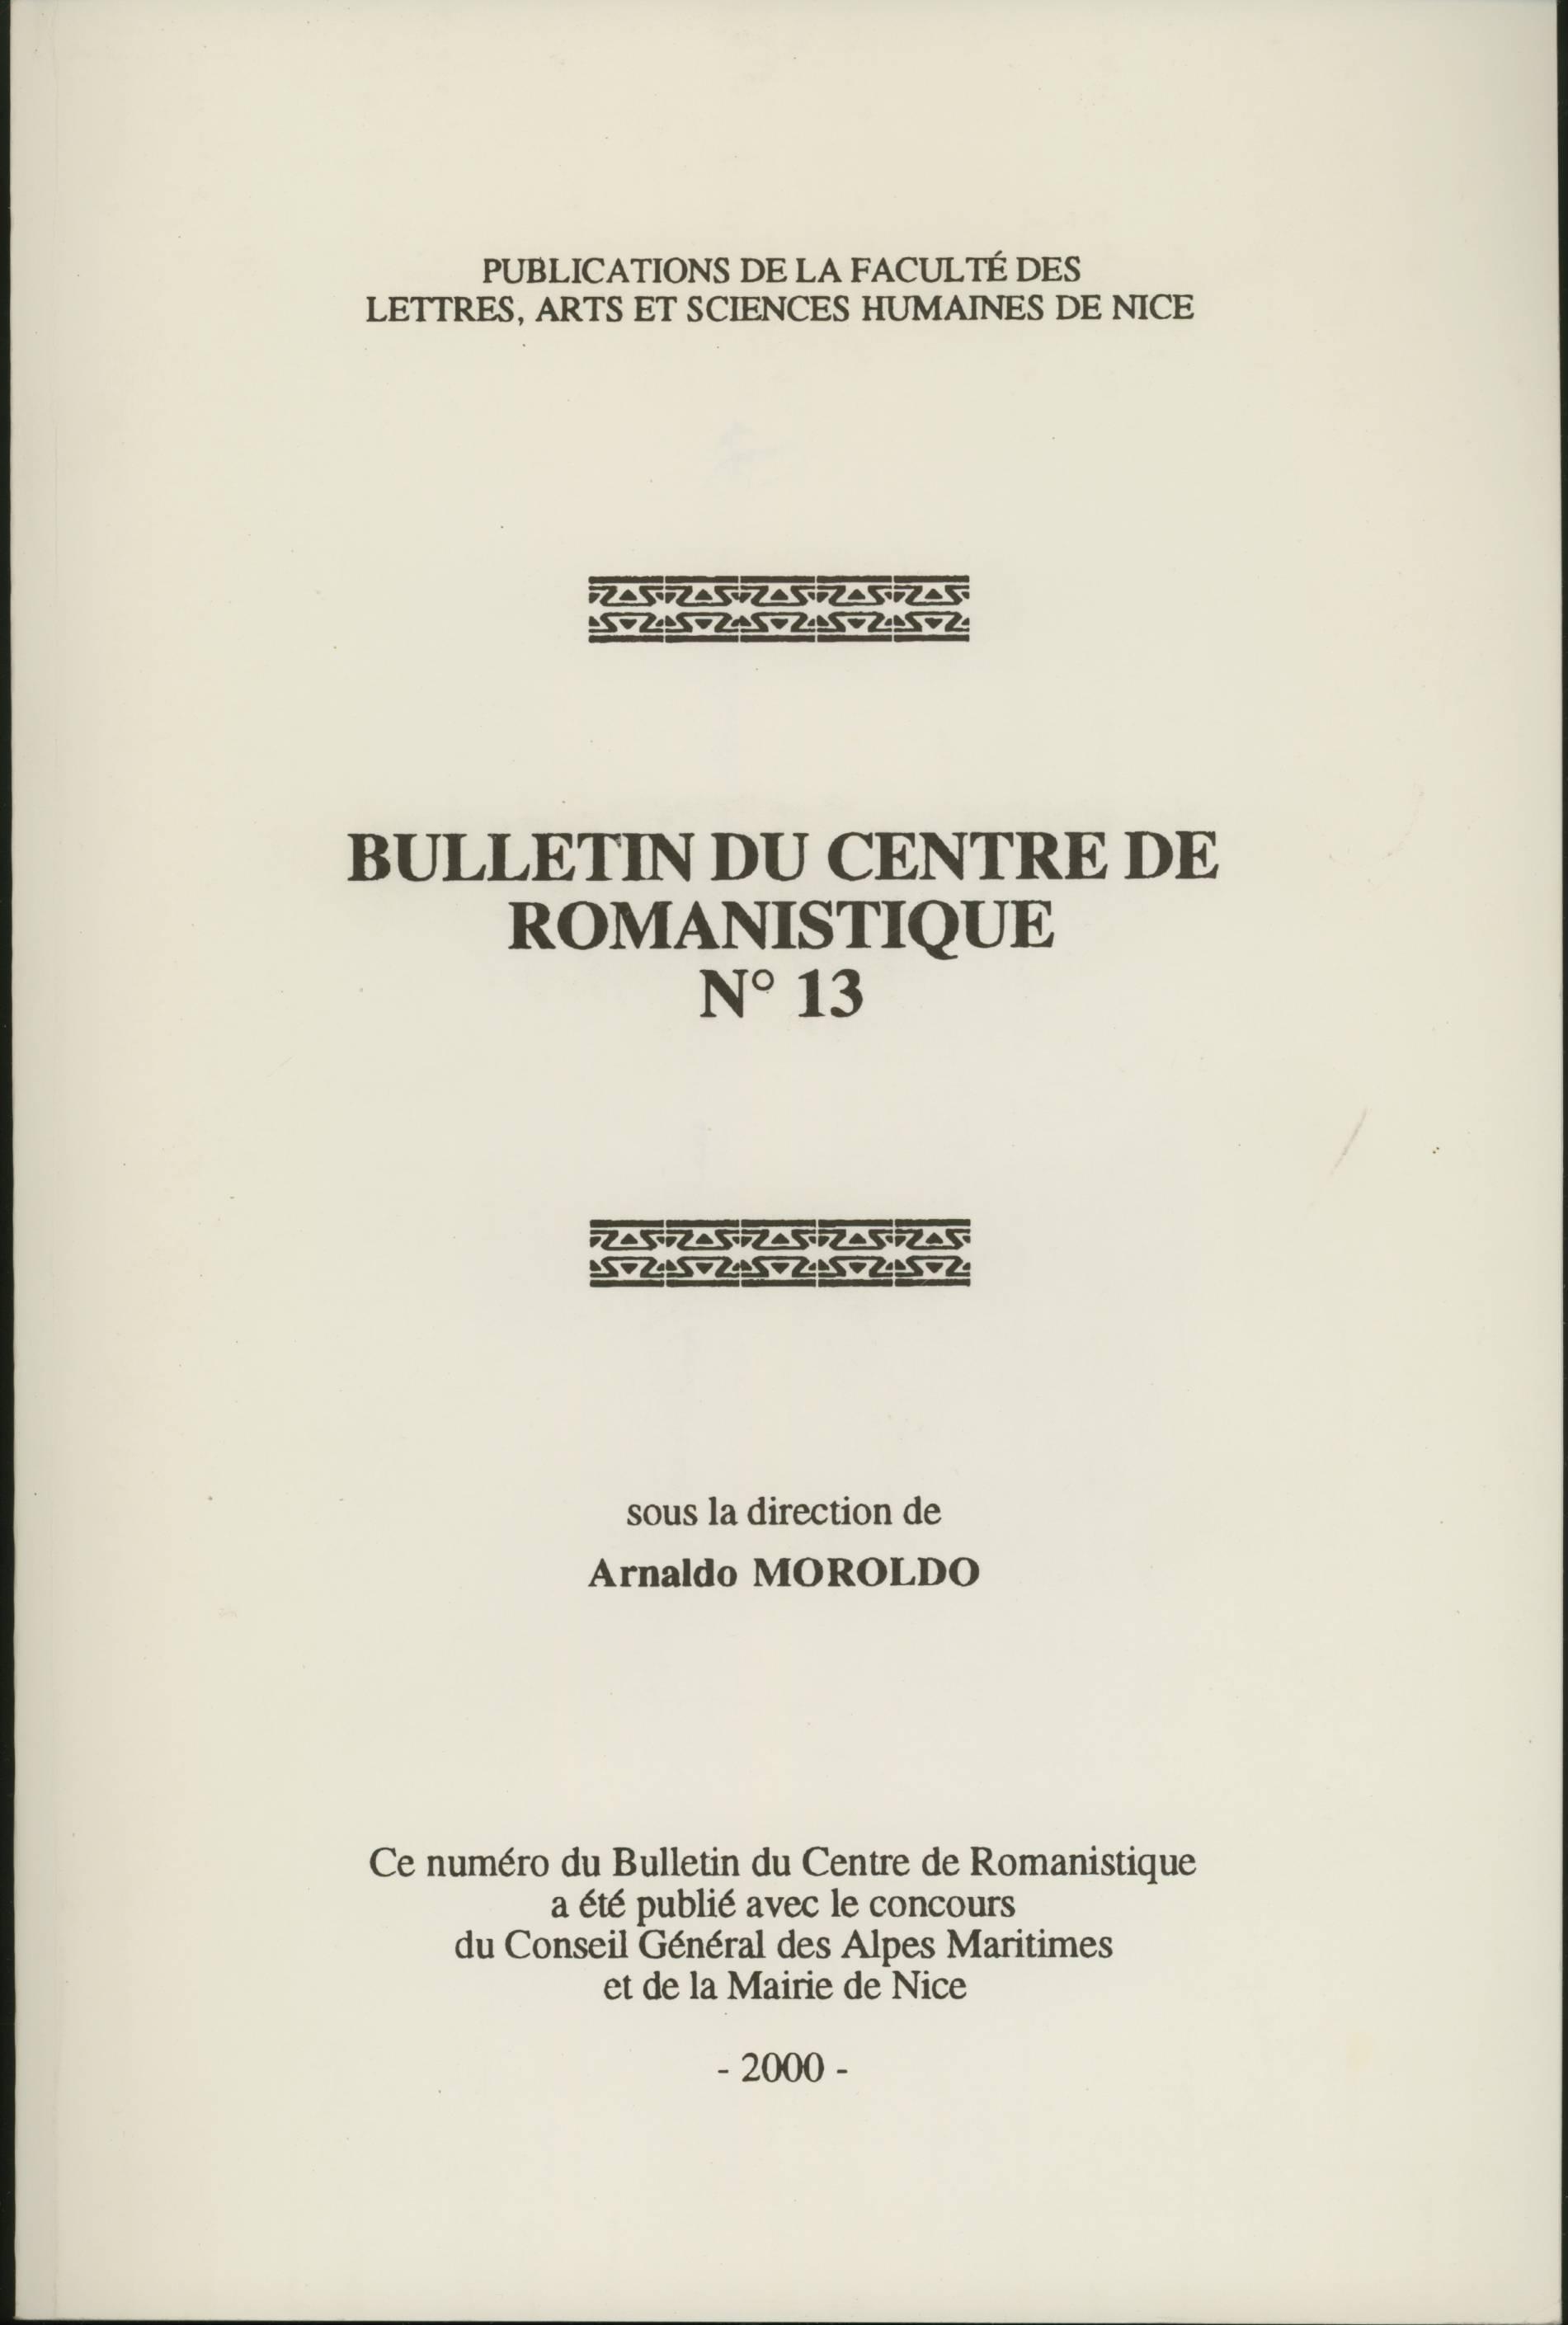 Bulletin du Centre de romanistique n. 13